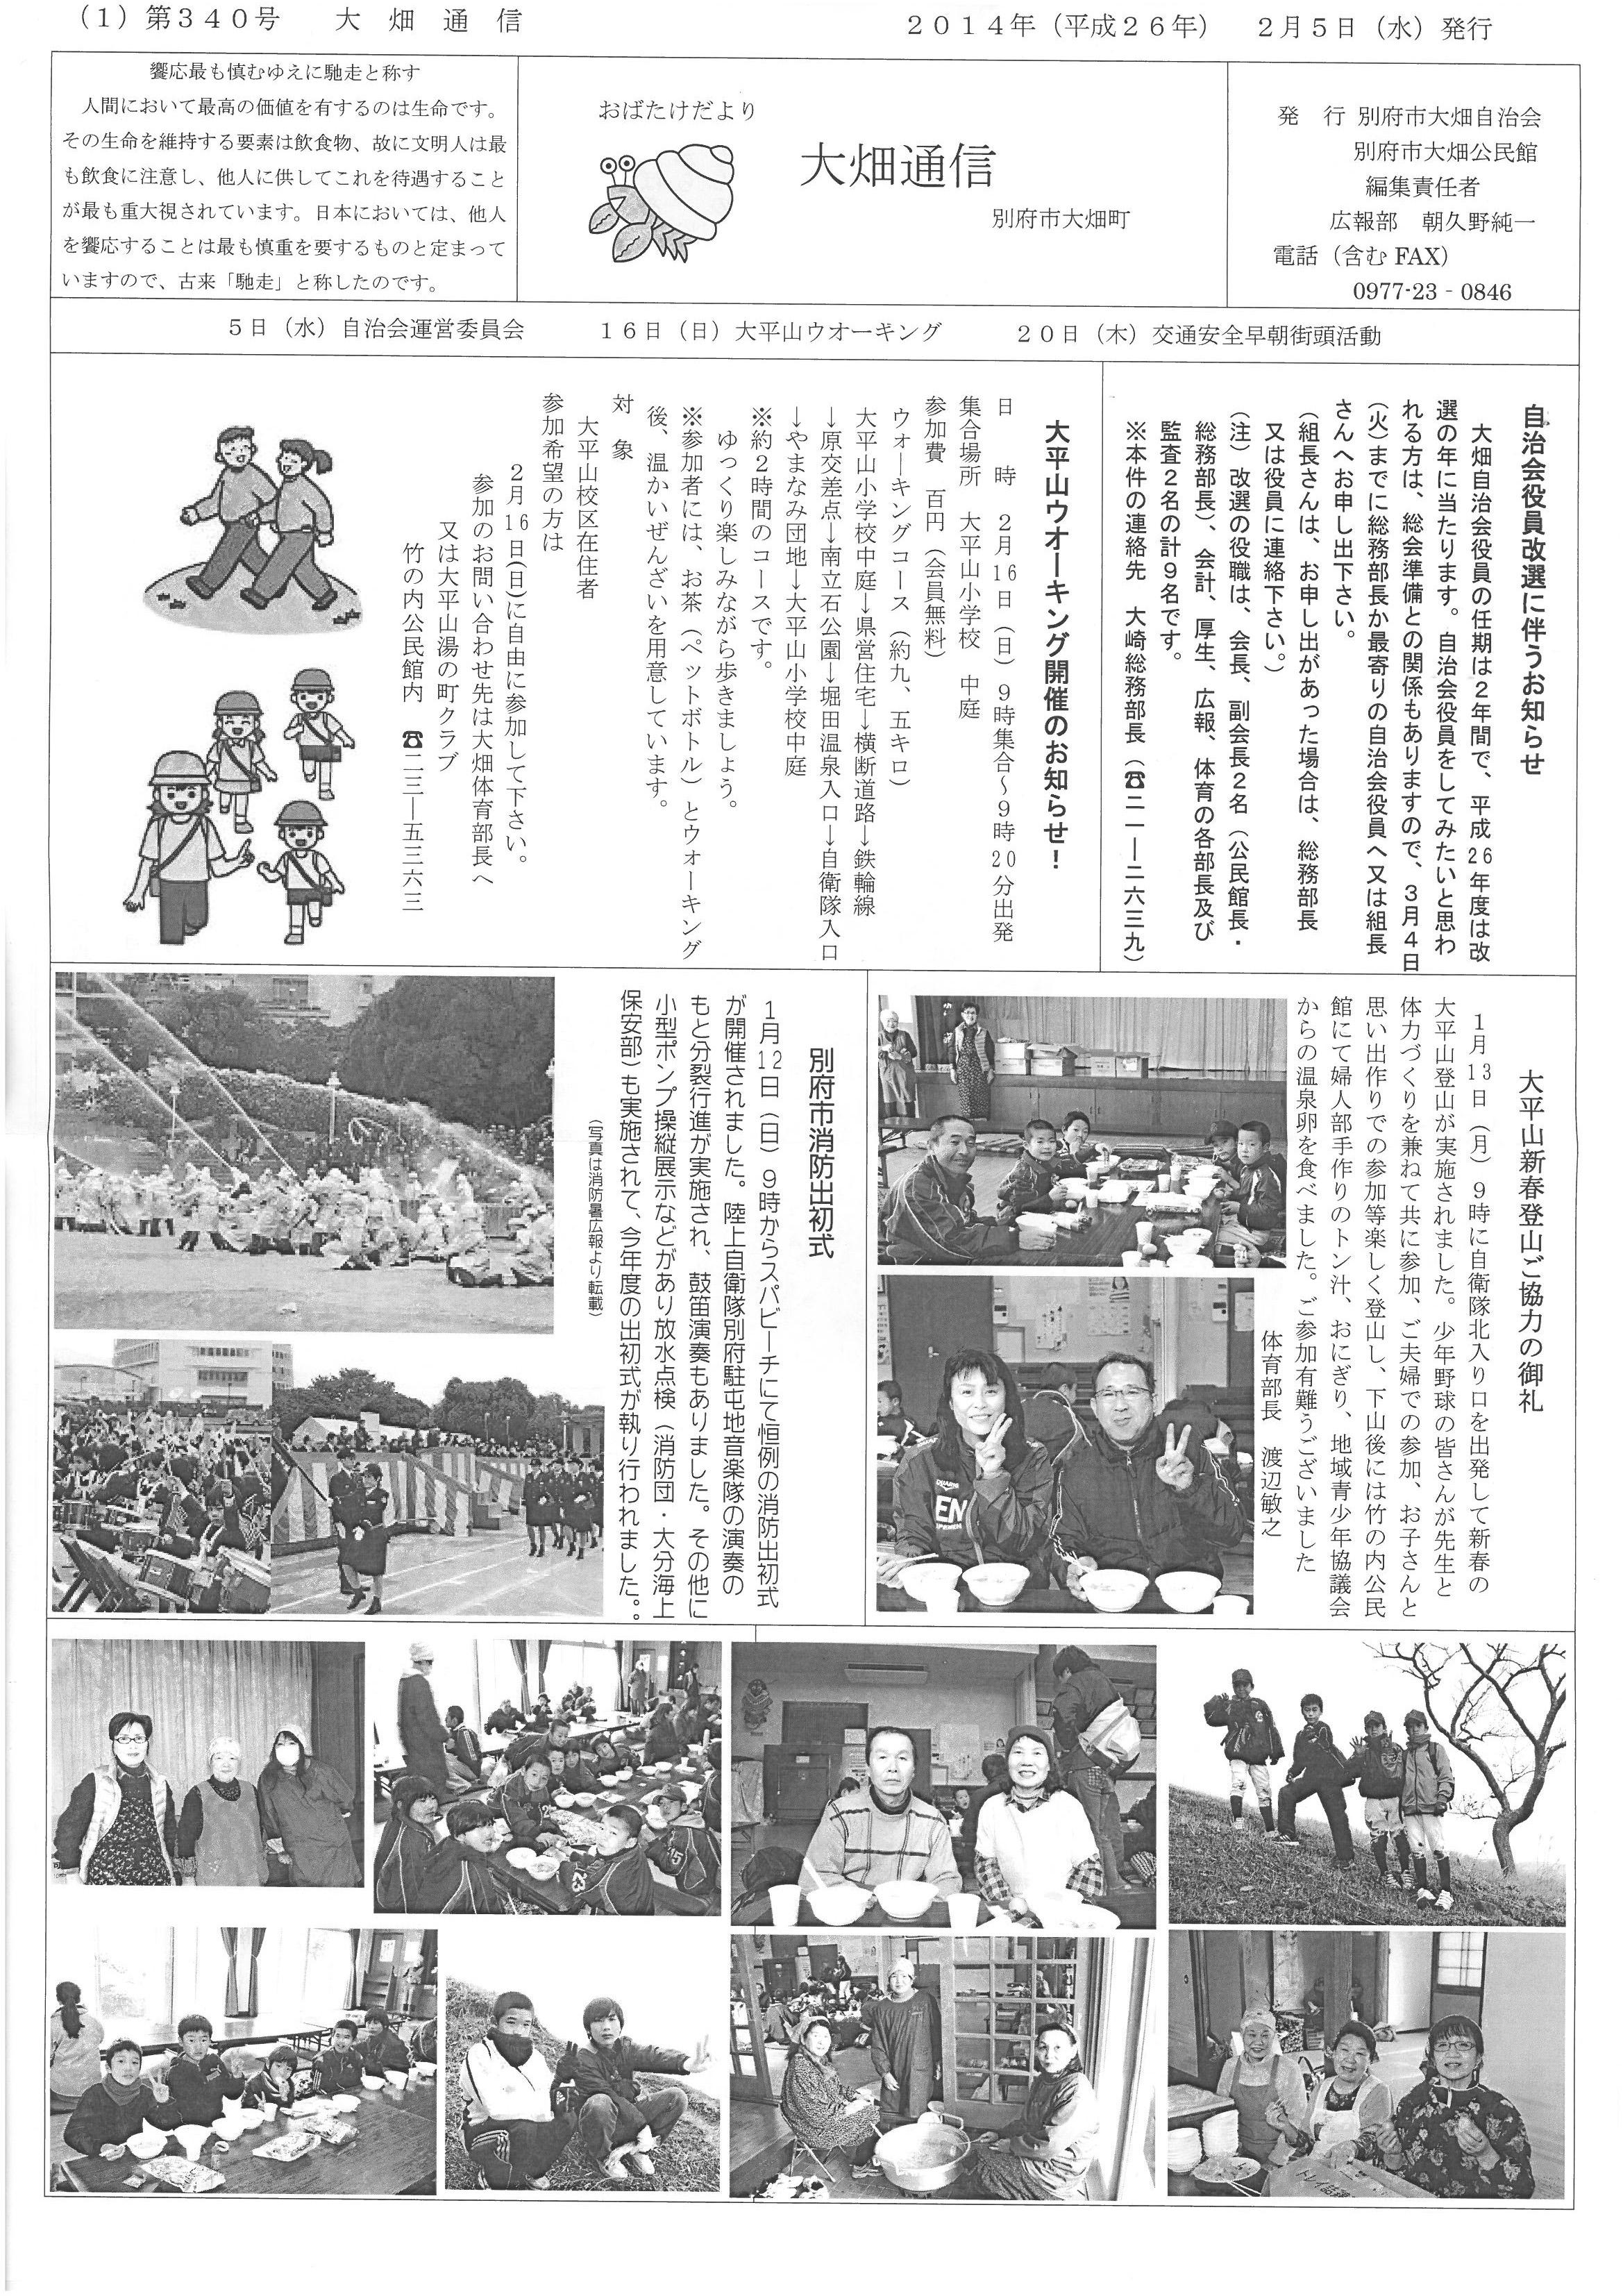 obatake2014_02_01